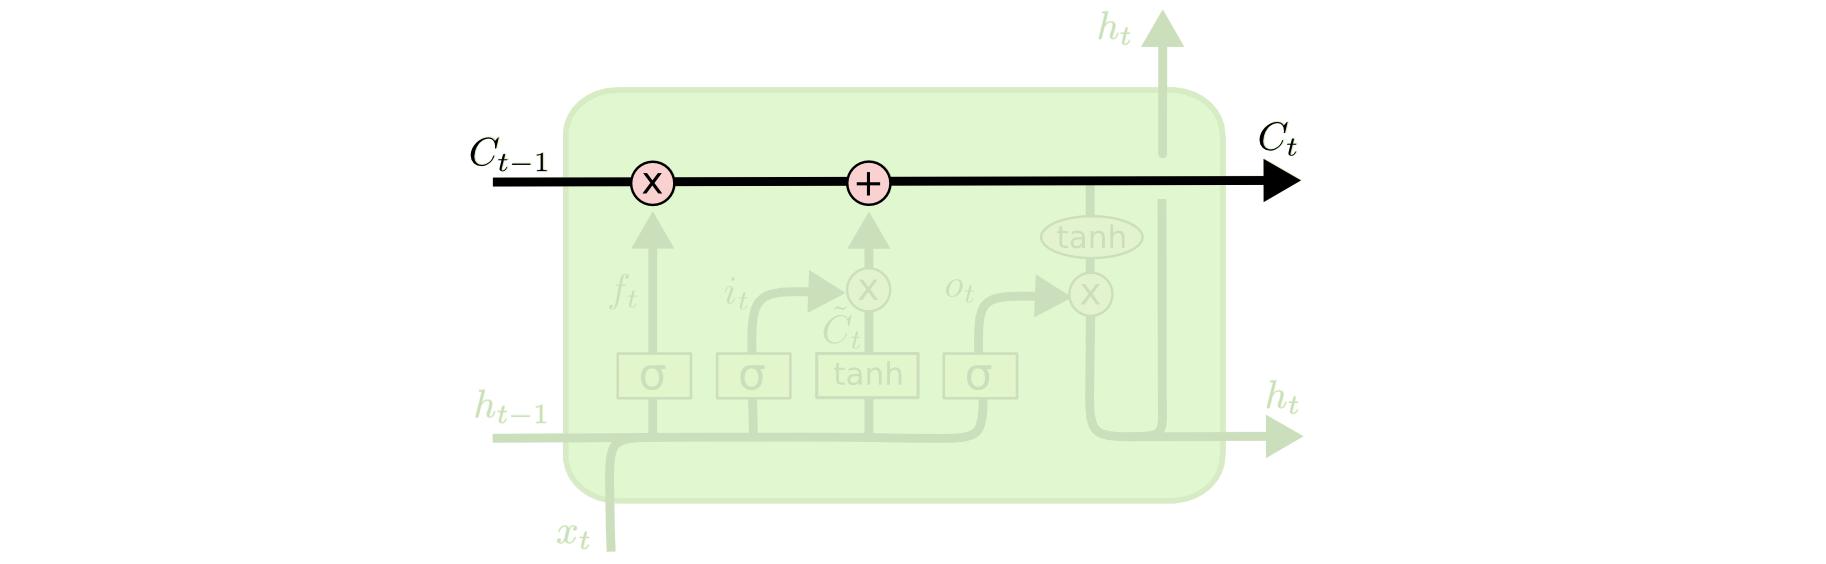 简单理解LSTM神经网络